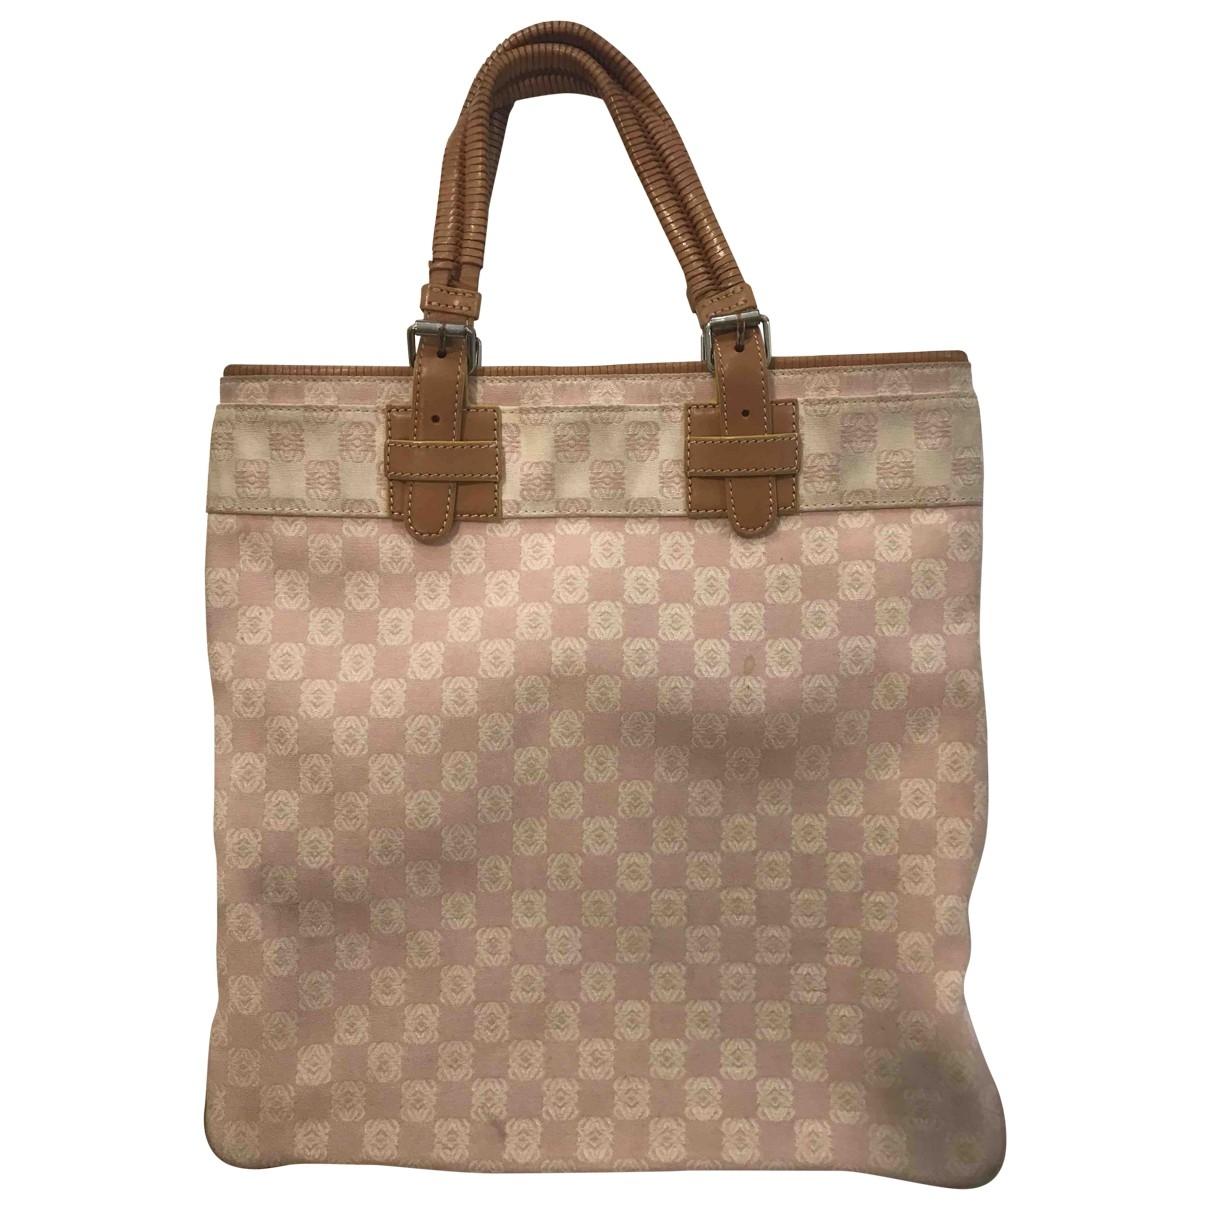 Loewe \N Pink Cloth handbag for Women \N